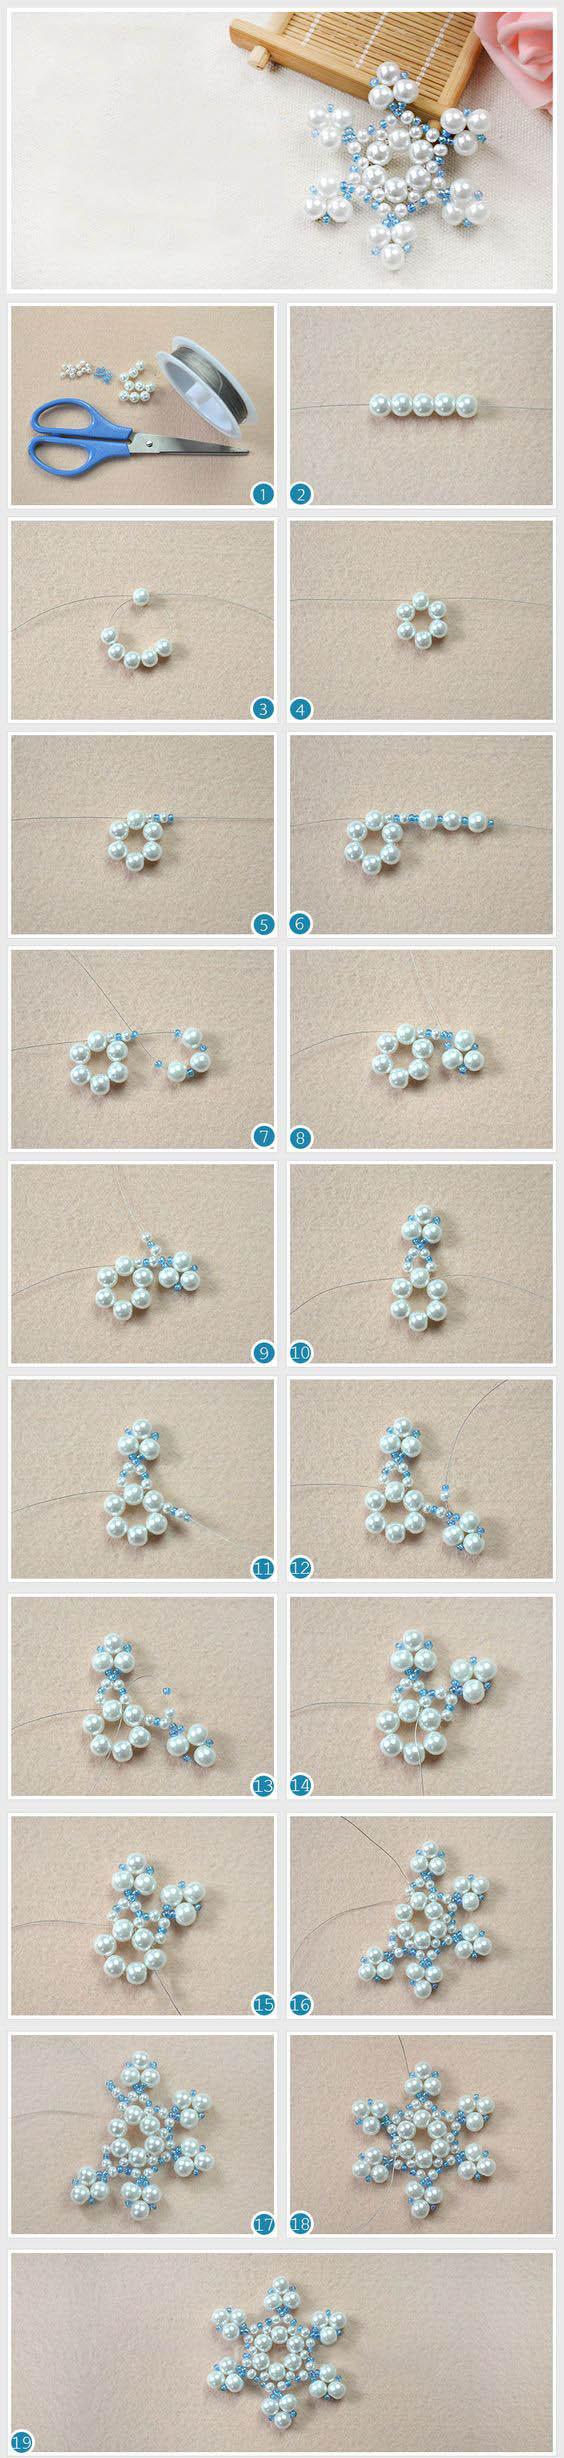 снежинка из проволоки и бисера/бусин мастер-класс своими руками